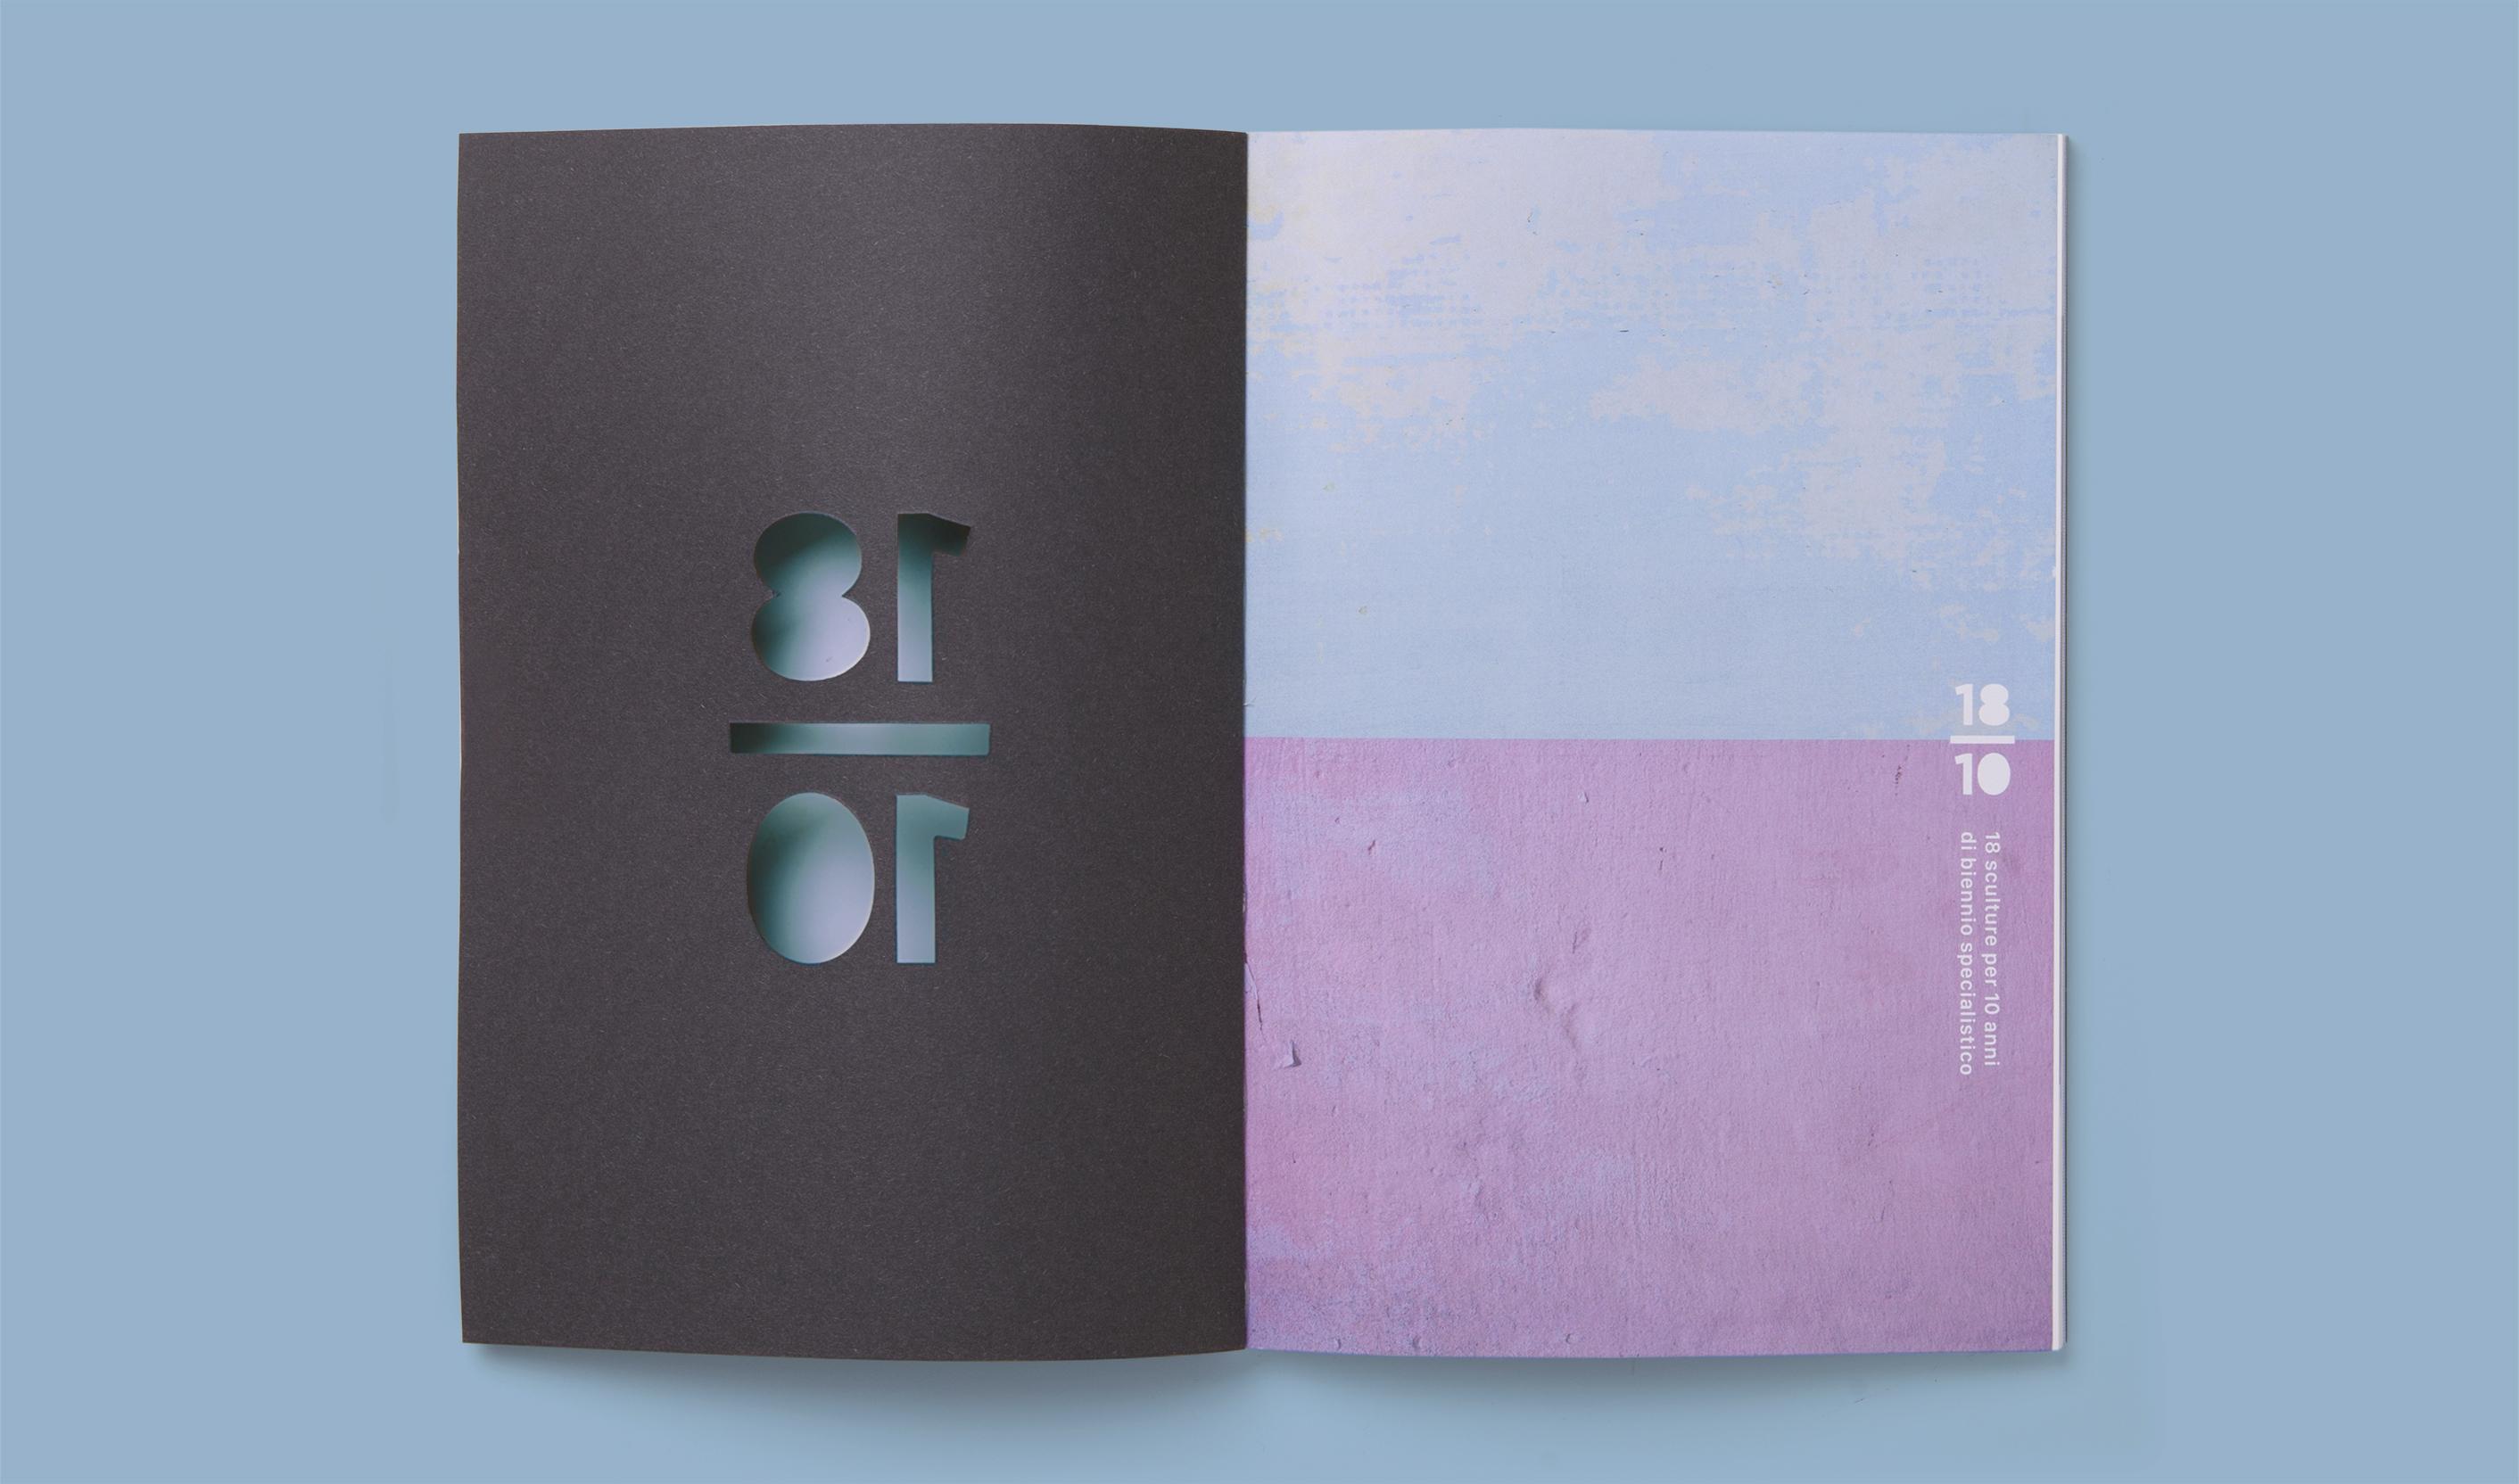 Dettaglio frontespizio e fustellatura in copertina